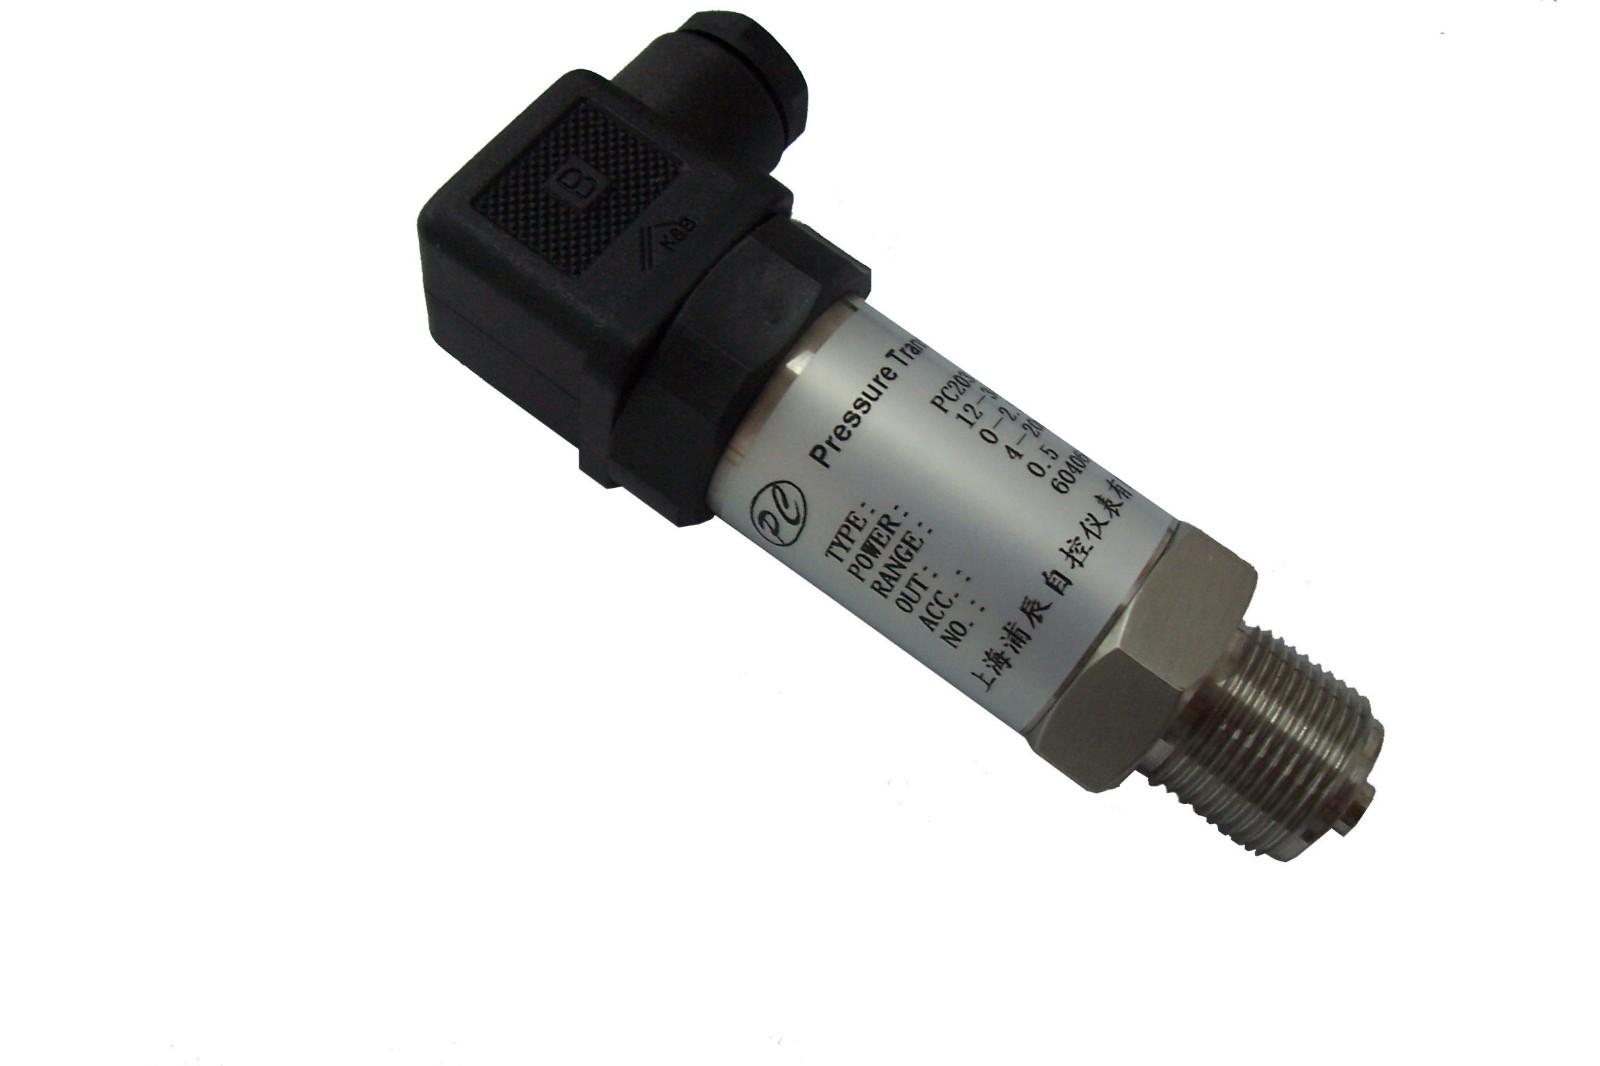 防腐型压力变送器用途_热电偶温度传感器型号_上海速坤仪器仪表有限公司